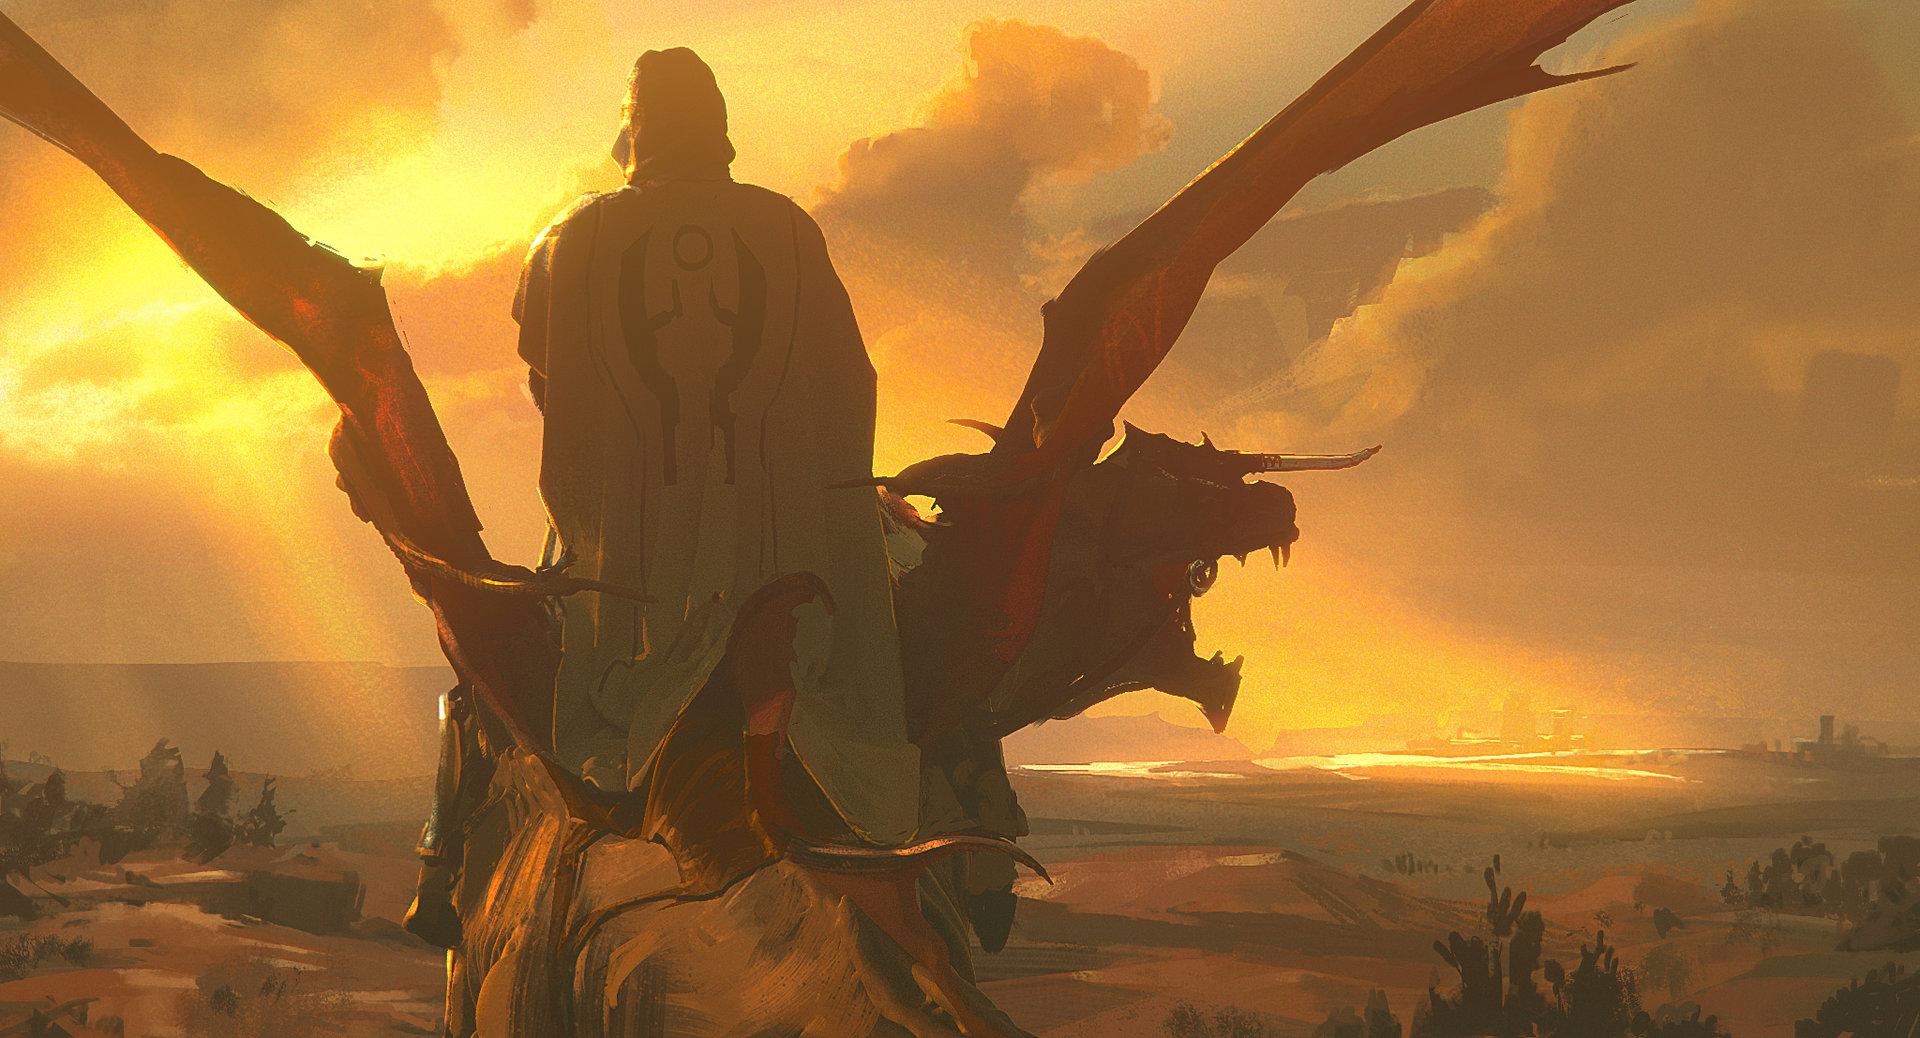 efflam-mercier-dragon-sketc-copy.jpg